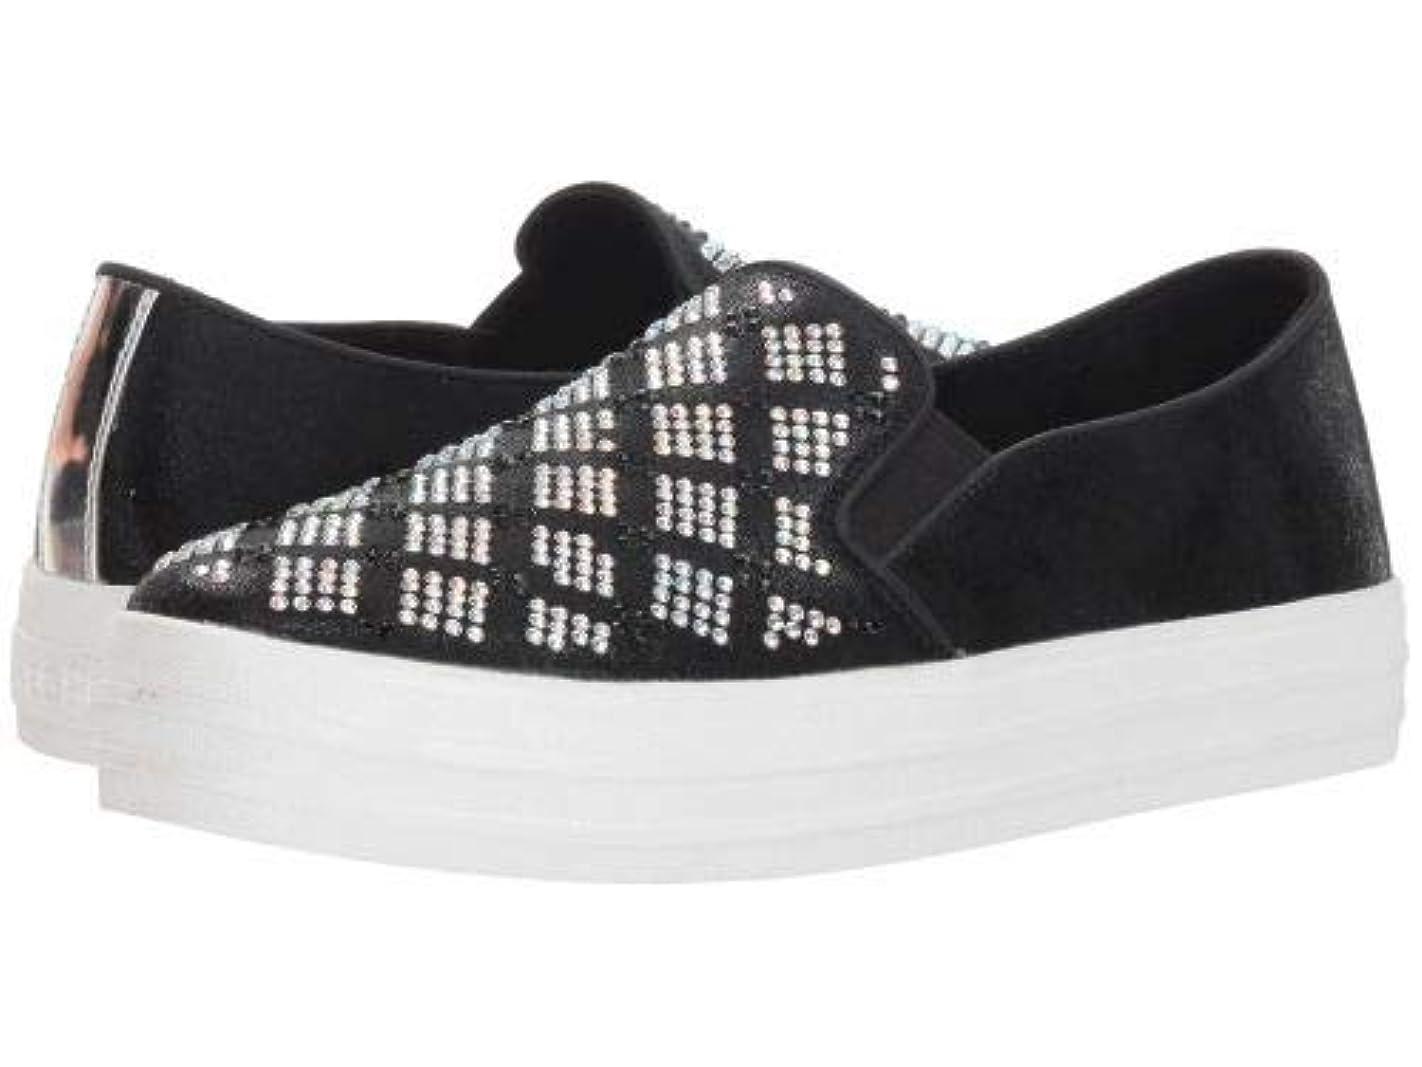 他のバンドで死すべき挑むSKECHERS(スケッチャーズ) レディース 女性用 シューズ 靴 スニーカー 運動靴 Double Up - Black/Silver [並行輸入品]